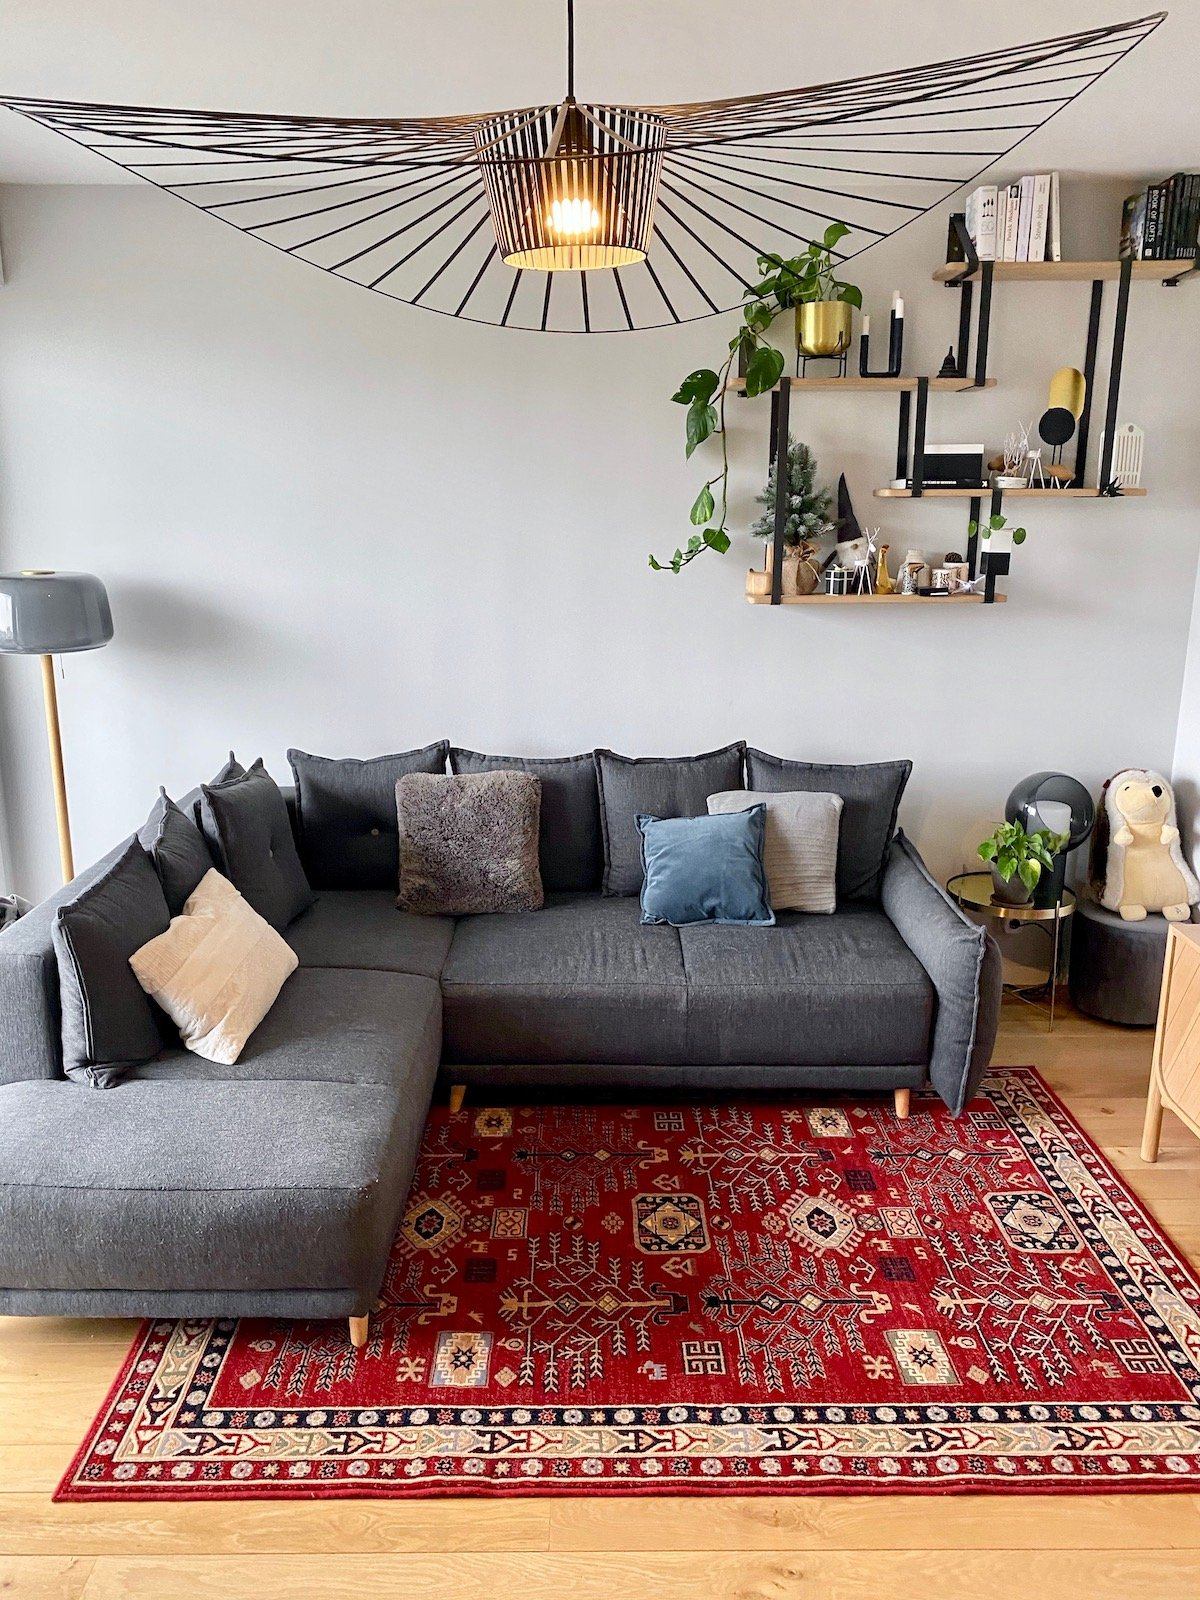 salon canapé gris angle convertible lit tapis rouge - blog déco - clemaroundthecorner